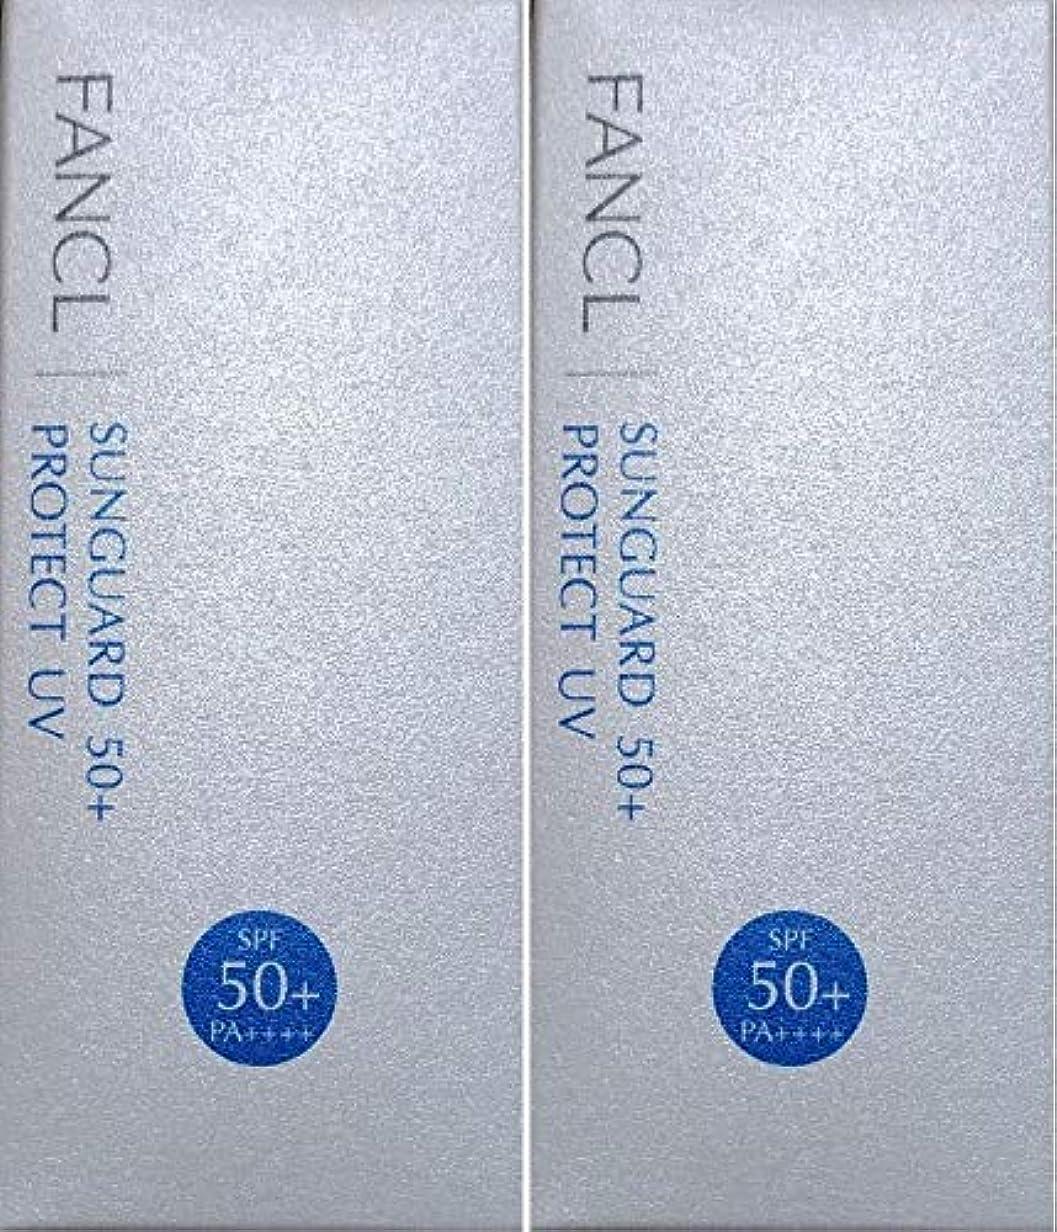 友情インフレーション植生ファンケル(FANCL) サンガード50+ プロテクトUV (SPF50+?PA++++)60mL ×2箱セット